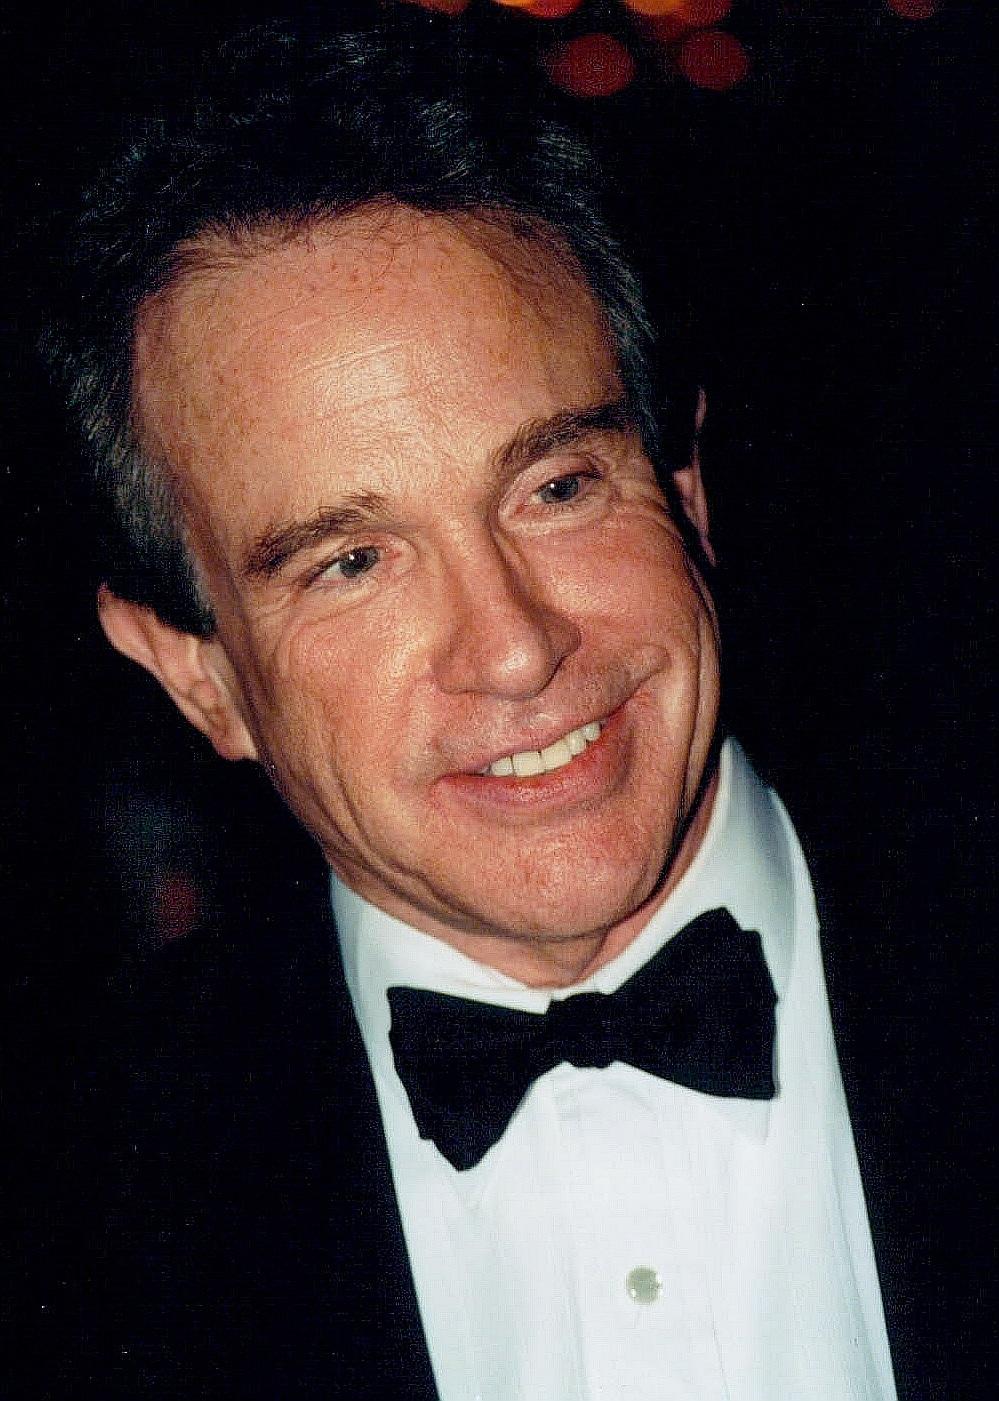 Warren Beatty bio